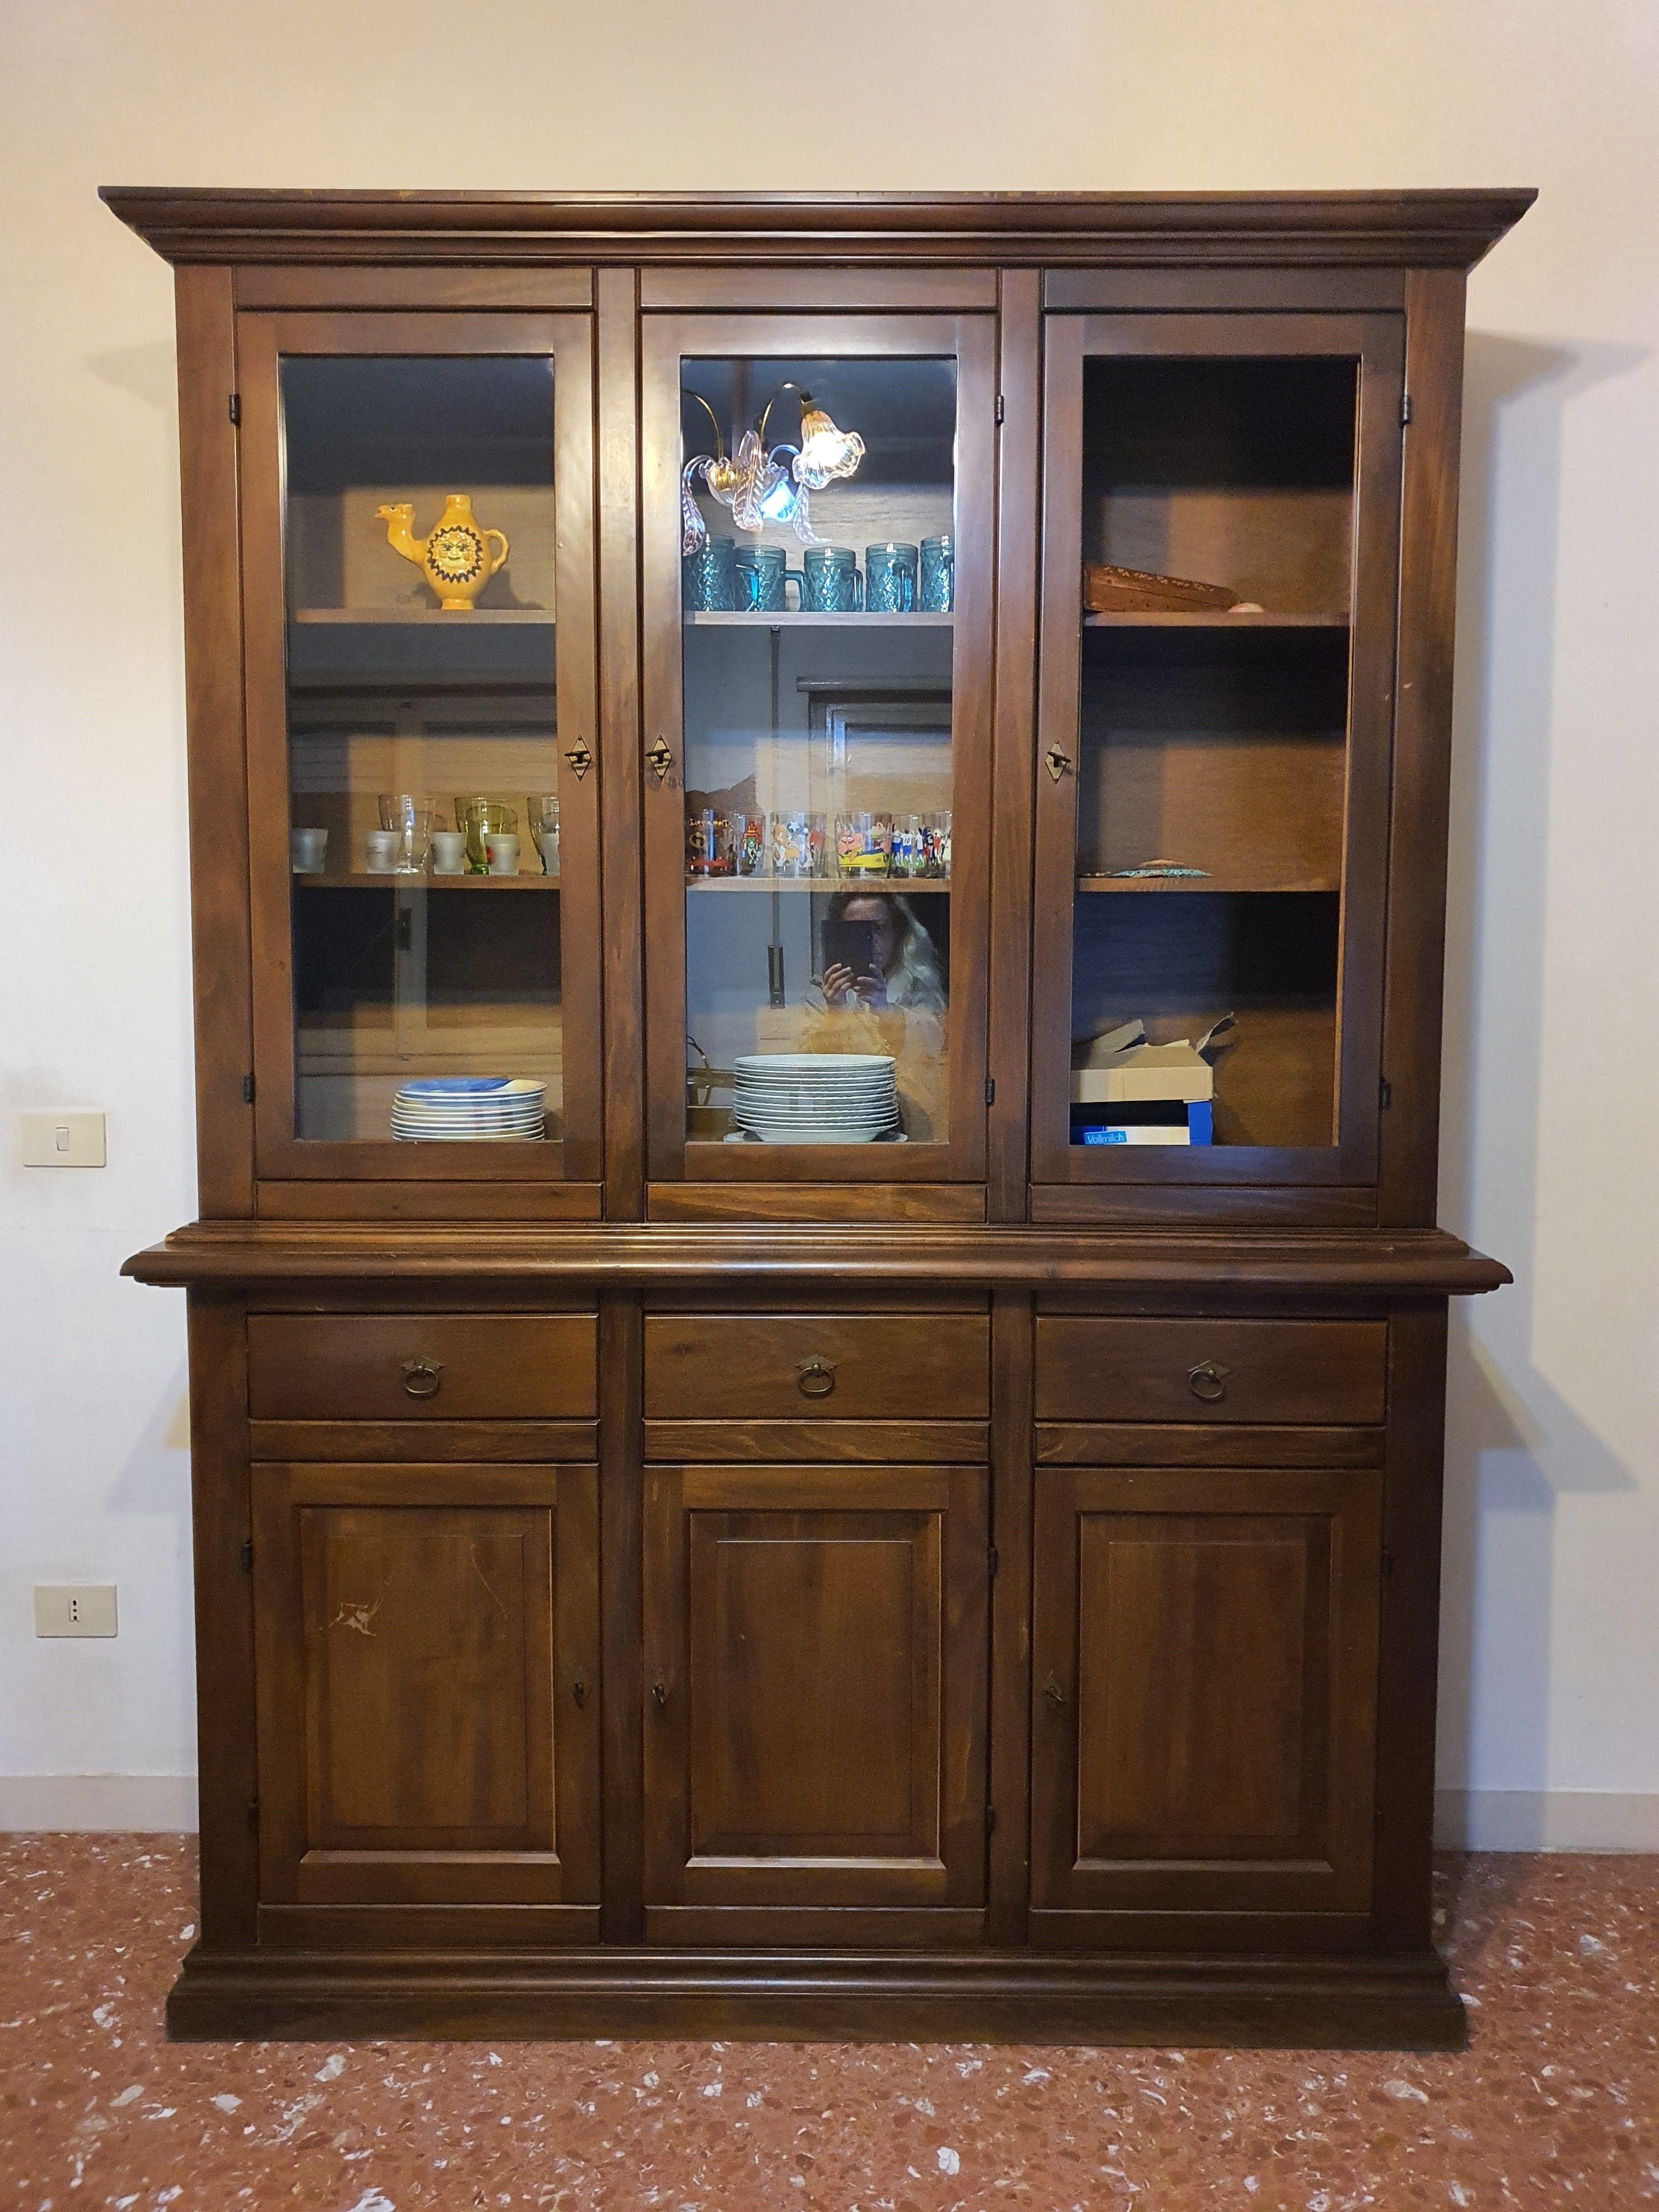 Spostamento mobili: 1 credenza e 1 parete soggiorno - Instapro